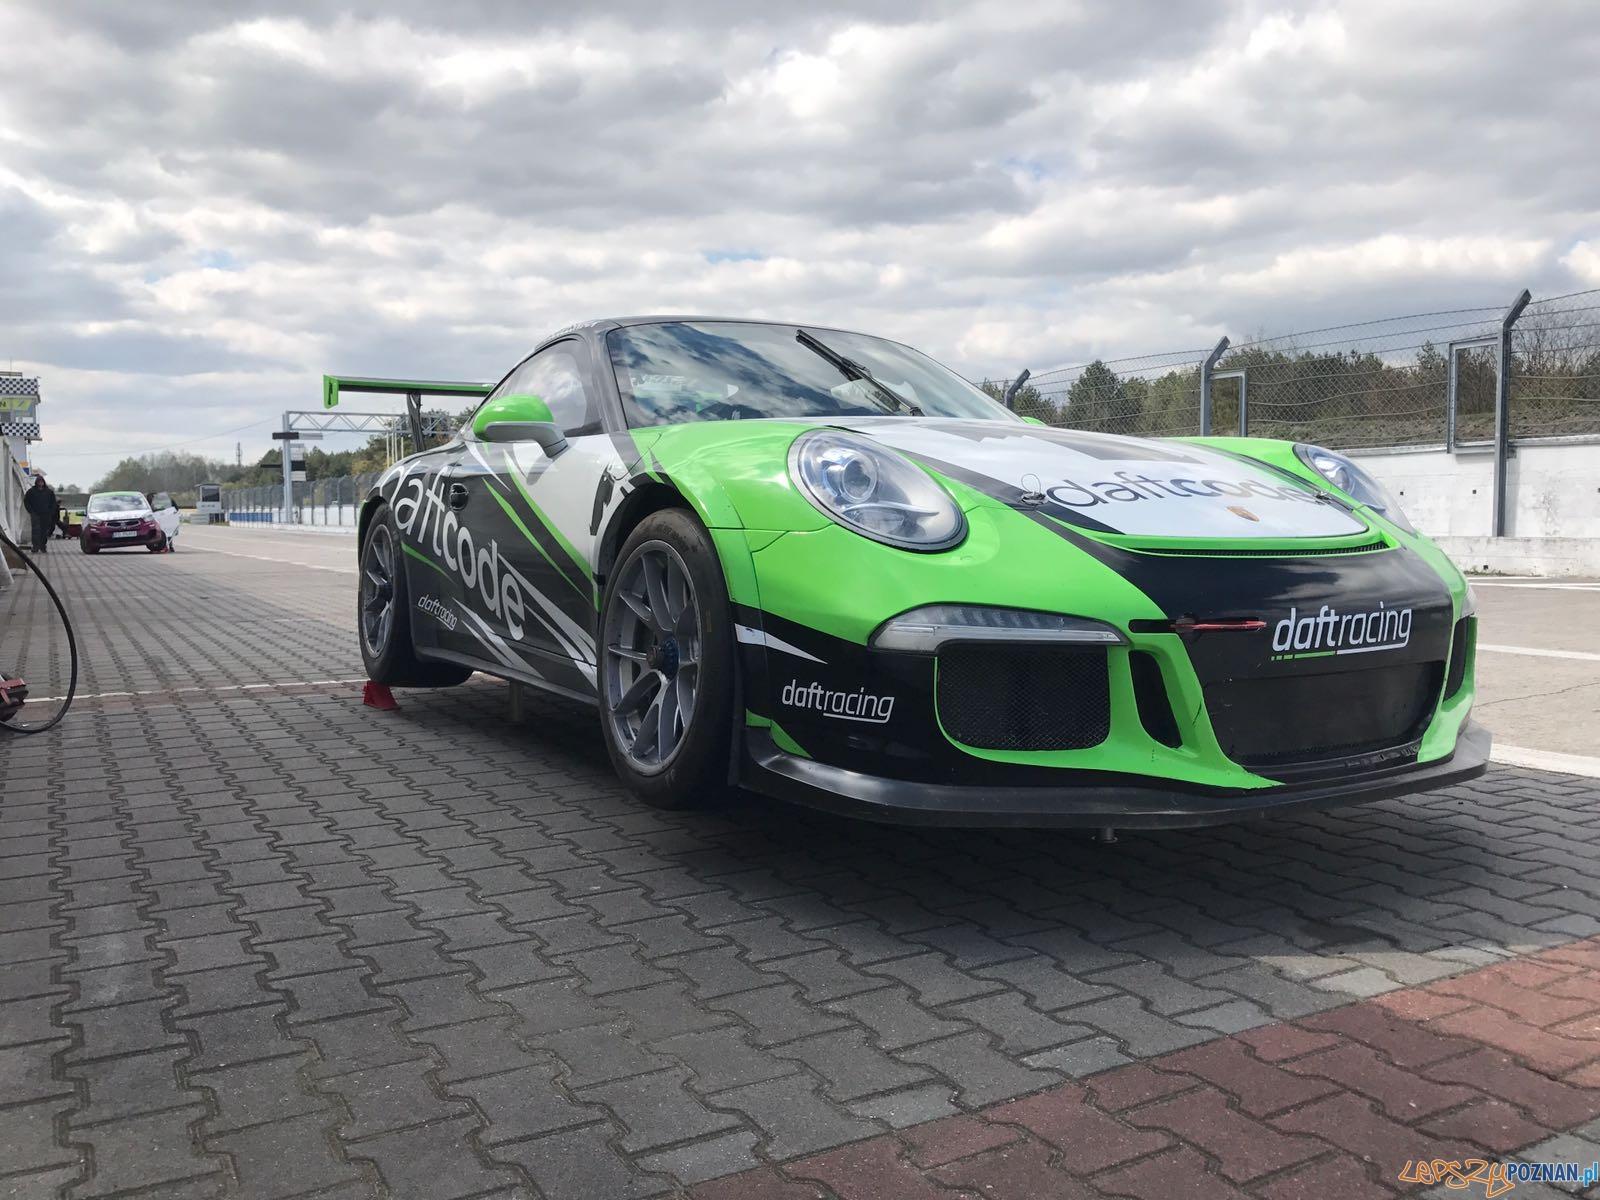 Porsche 991 GT3 Cup reprezentacji Daftracing  Foto: materiały prasowe